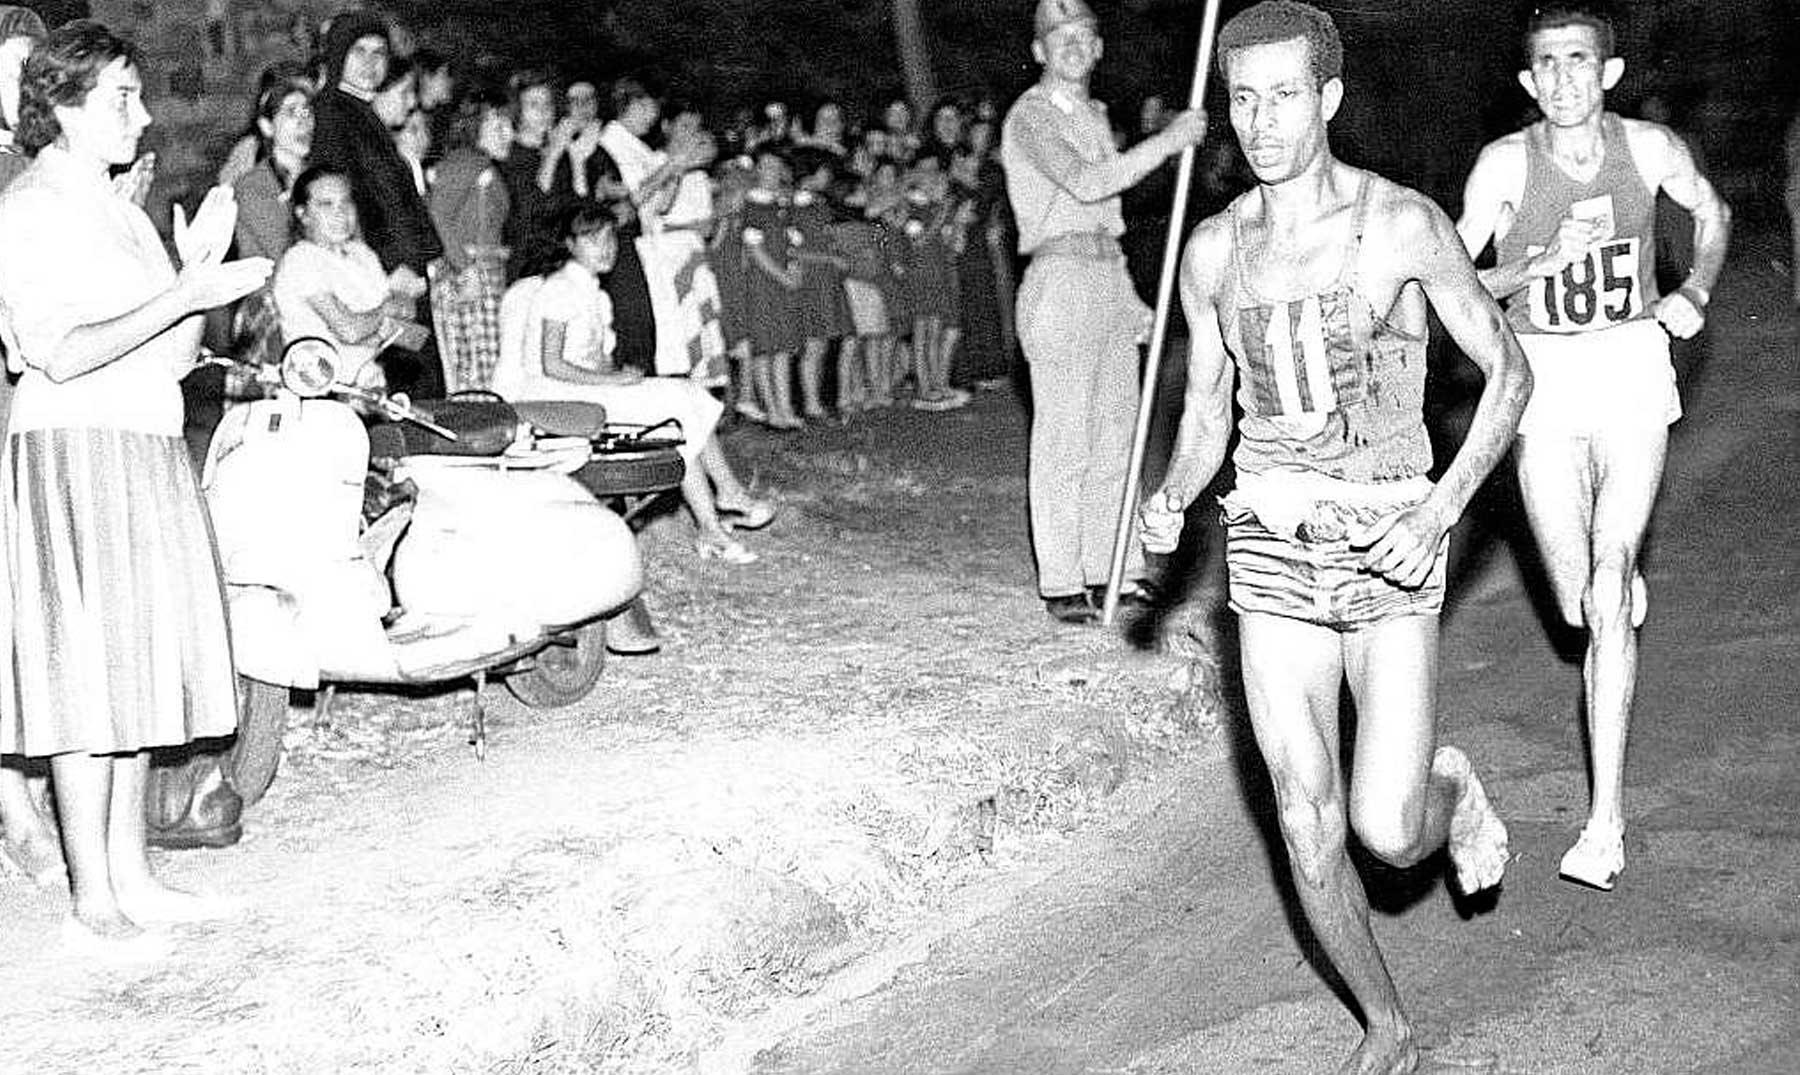 Abebe Bikila, el etíope que ganó una maratón descalzo